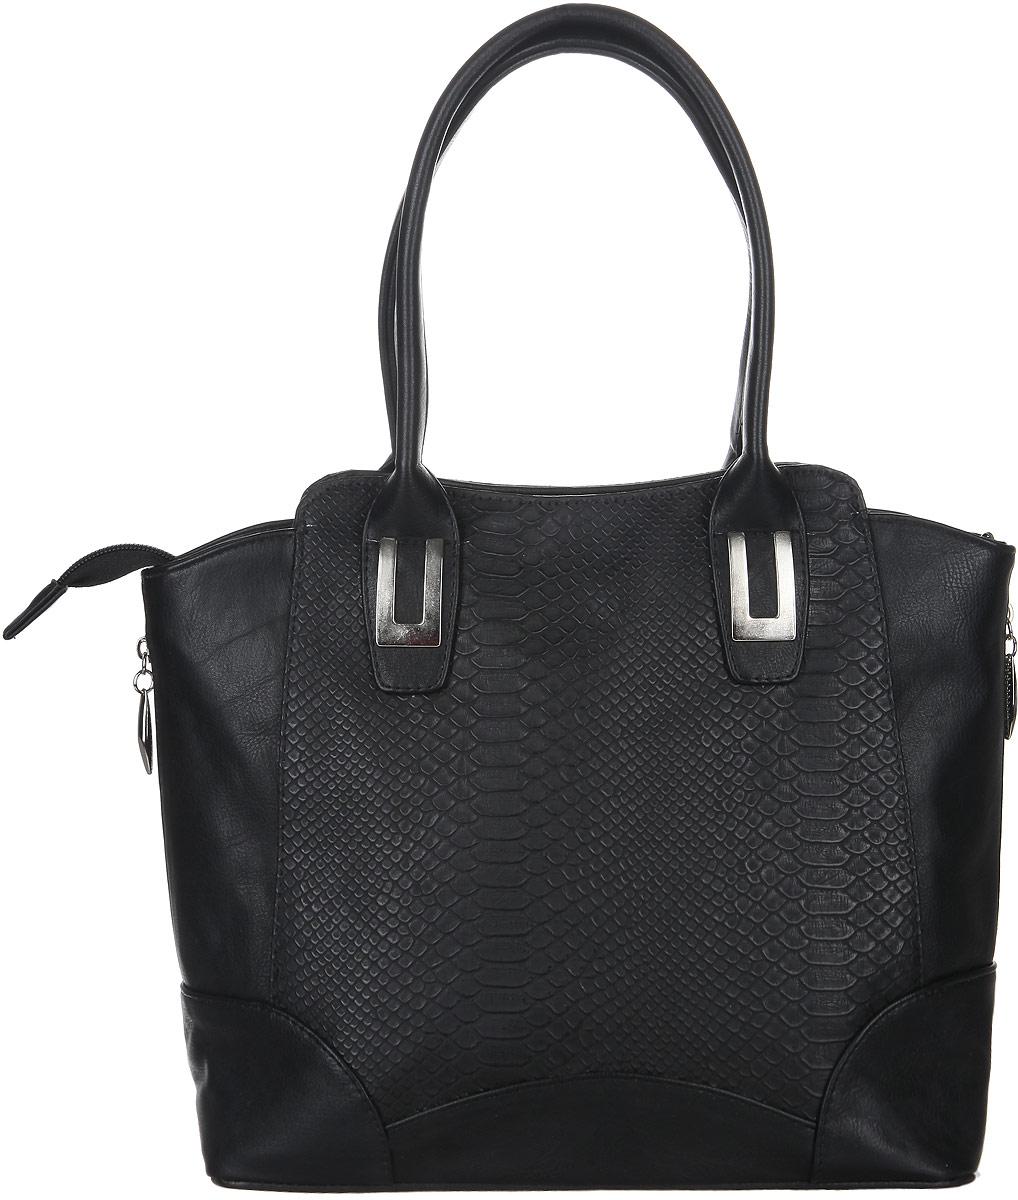 Сумка женская Leighton, цвет: черный. 635635 чернСтильная женская сумка Leighton выполнена из искусственной кожи и дополнена вставками из искусственной кожи с тиснением под крокодила. Изделие имеет одно основное отделение, разделенное пополам карманом-средником на застежке-молнии. Закрывается изделие на застежку-молнию. Внутри находятся нашивной карман на застежке-молнии и два накладных открытых кармана. Снаружи, на задней стенке расположен прорезной карман на застежке-молнии. Модель оснащена двумя удобными ручками. В комплект входит съемный плечевой ремень. По бокам модель оформлена декоративными молниями. Роскошная сумка внесет элегантные нотки в ваш образ и подчеркнет ваше отменное чувство стиля.